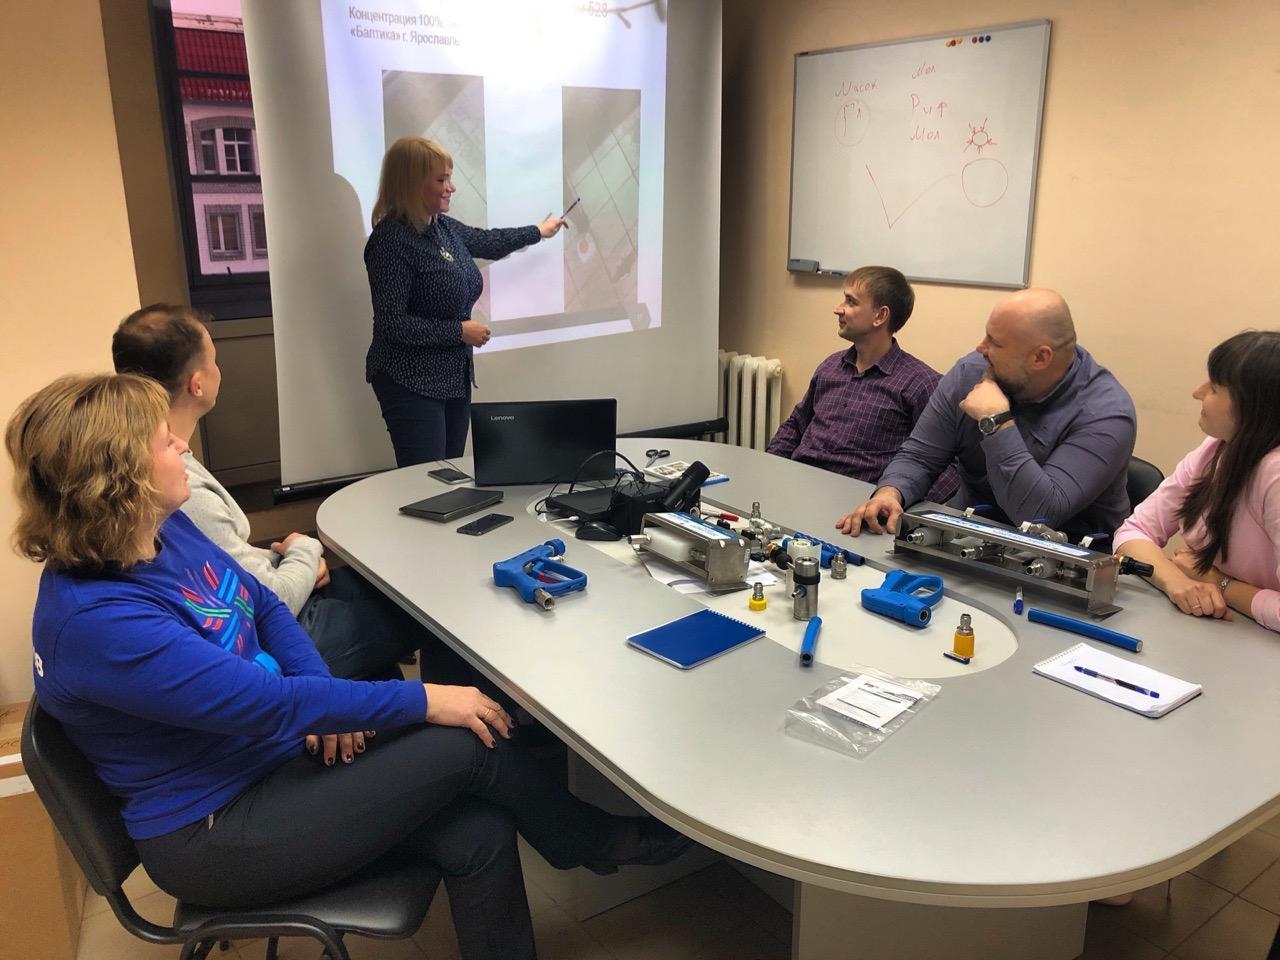 В Кирове прошел обучающий семинар для дилеров и партнеров компании